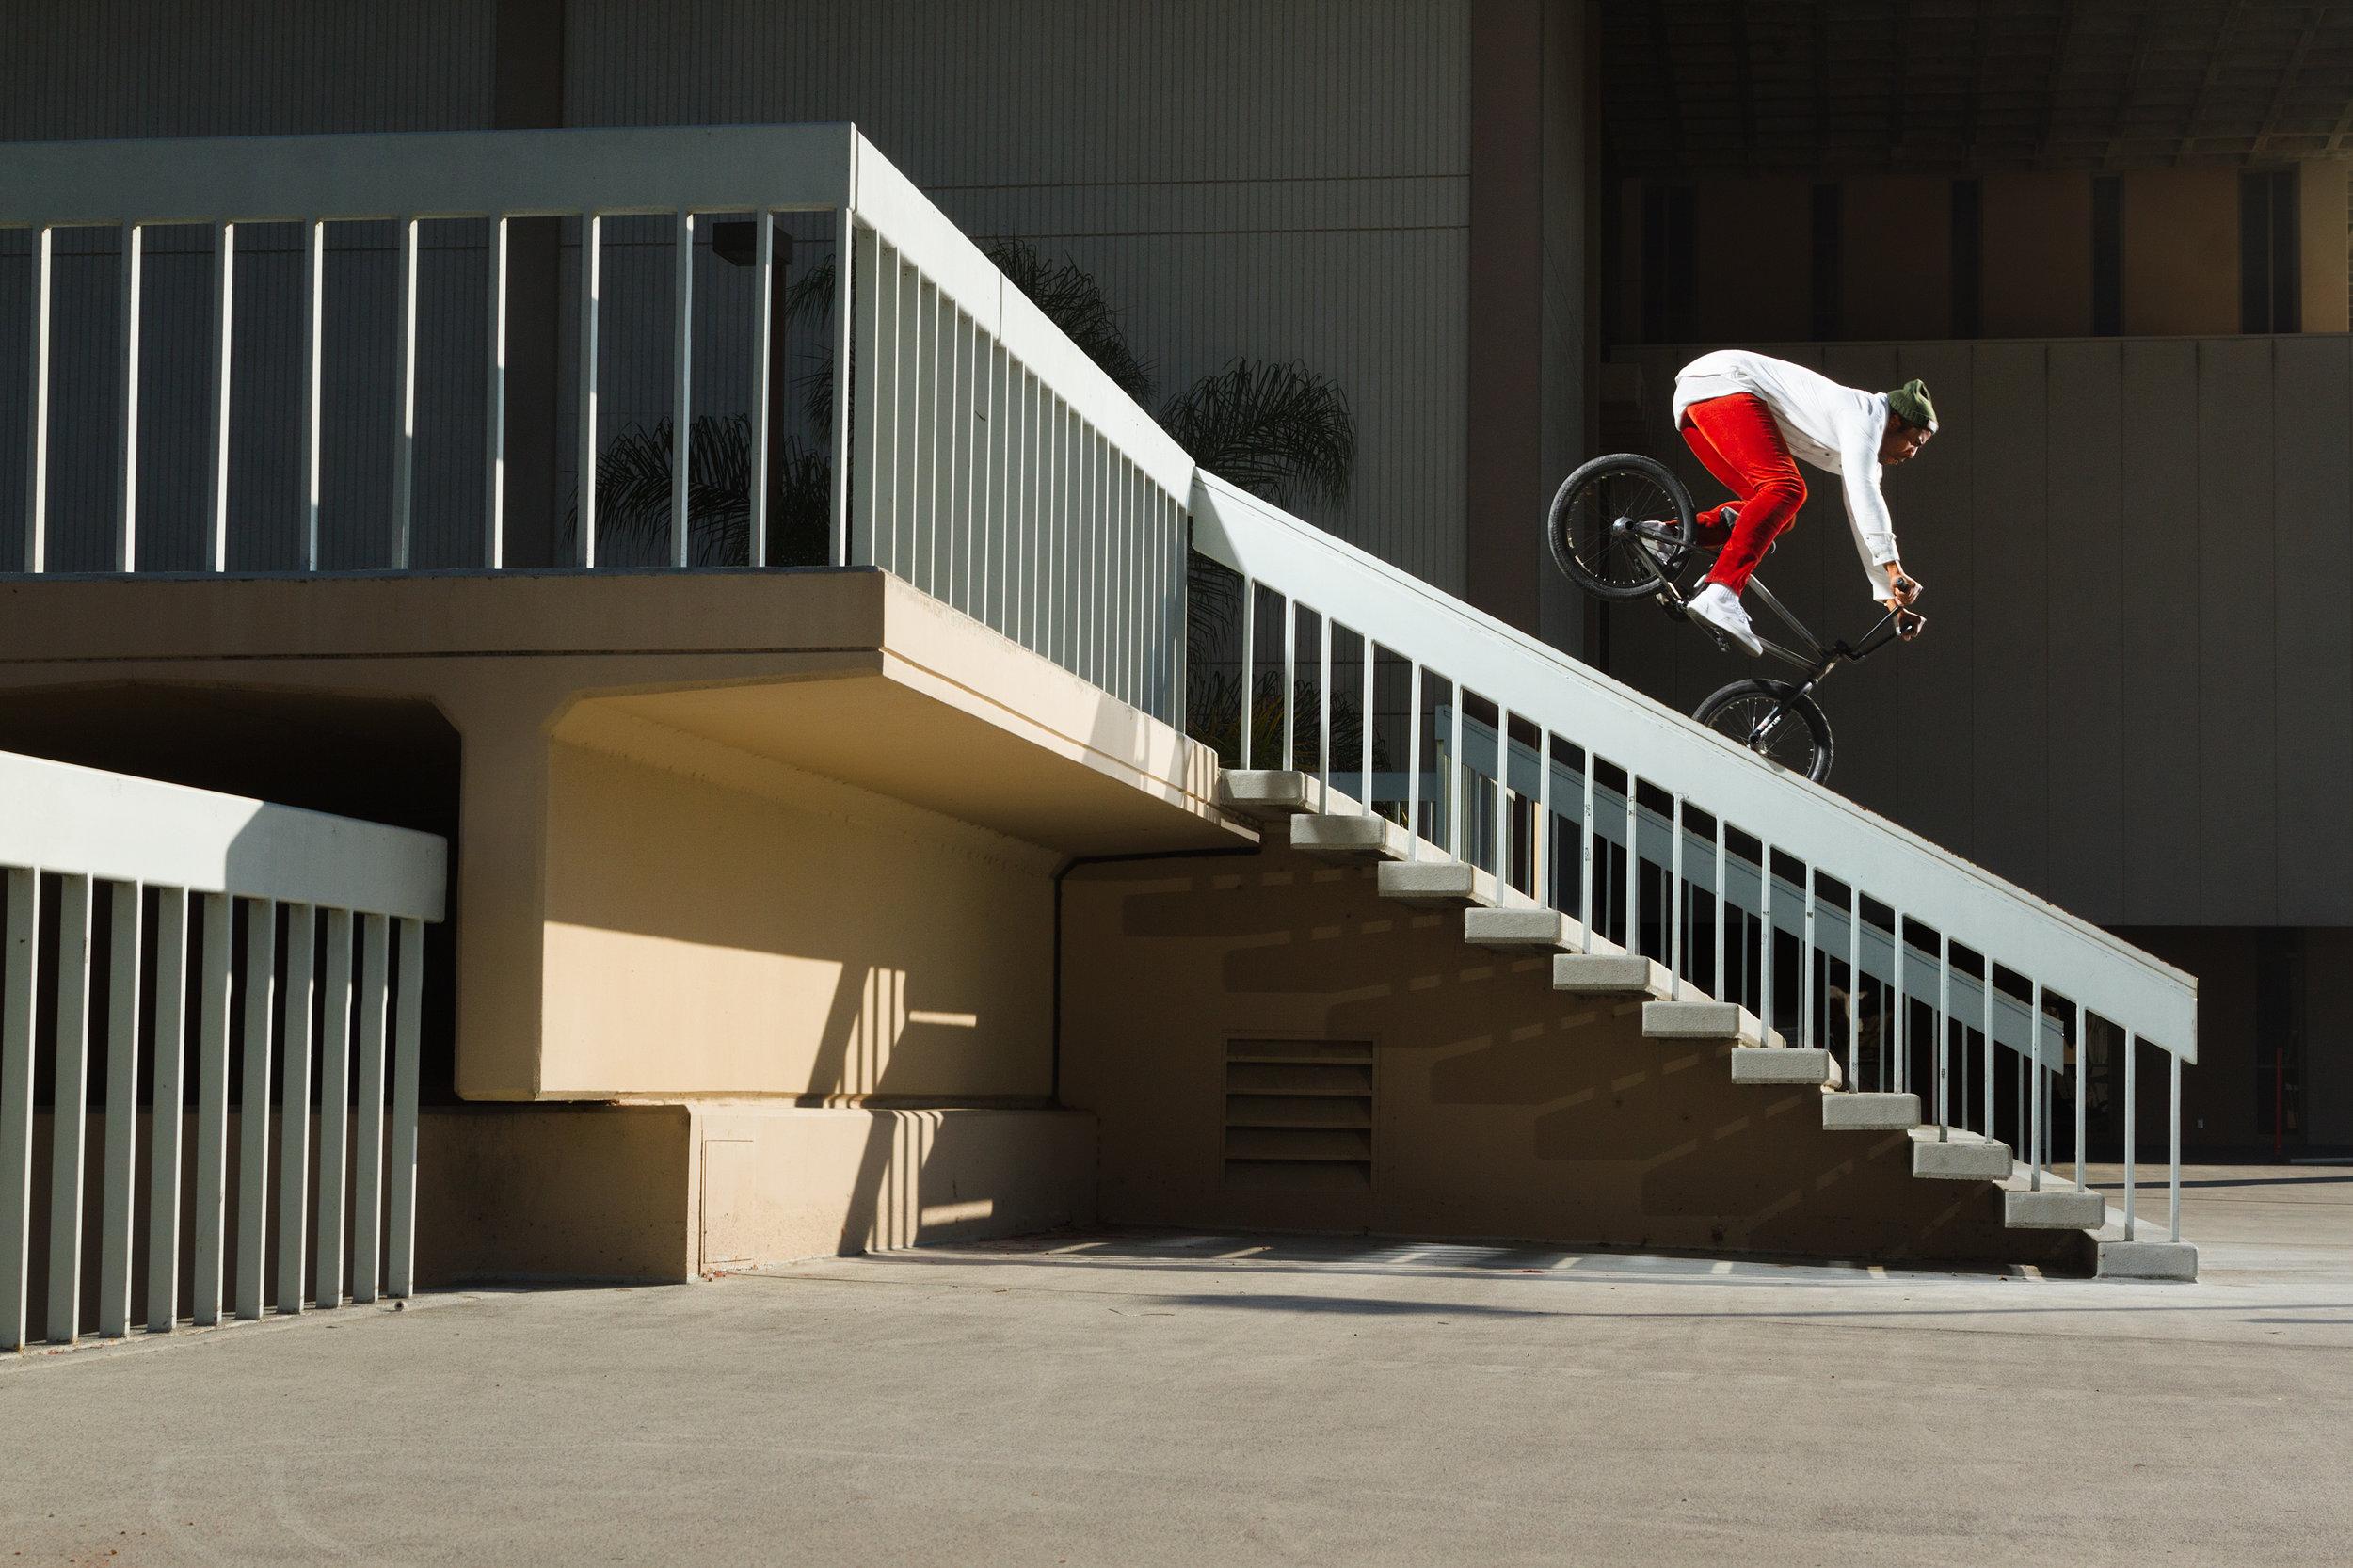 Sean-Morr-BMX-Hanger-Devin-Feil.jpg